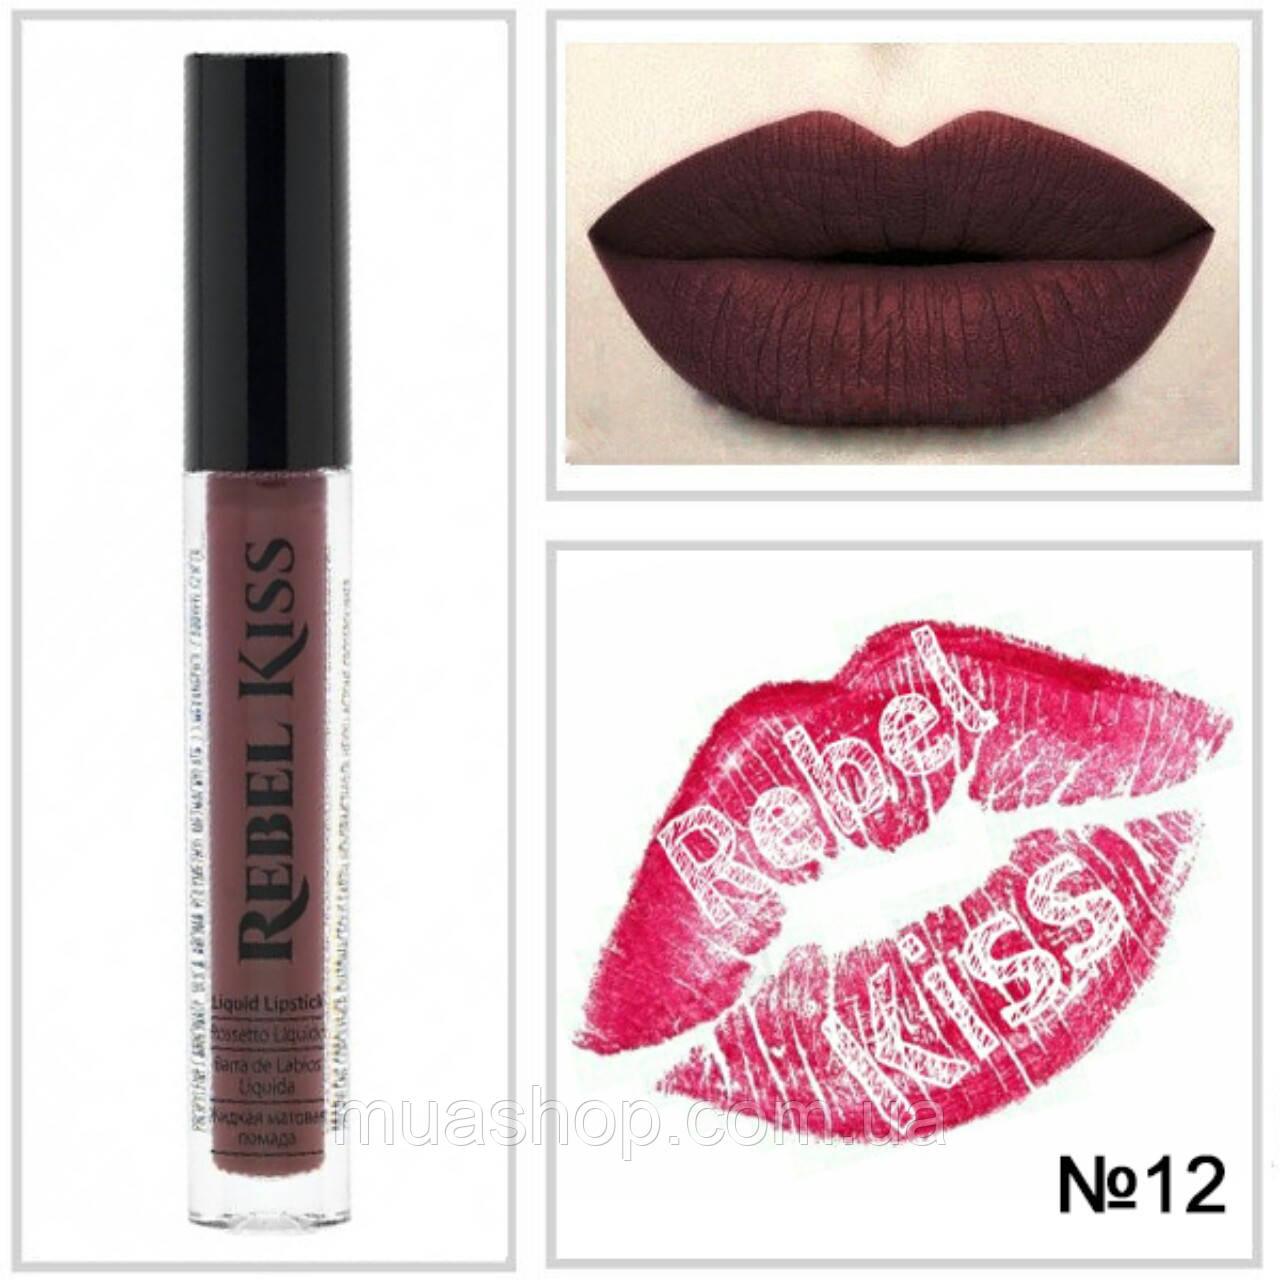 Rebel Kiss Жидкая матовая помада №12